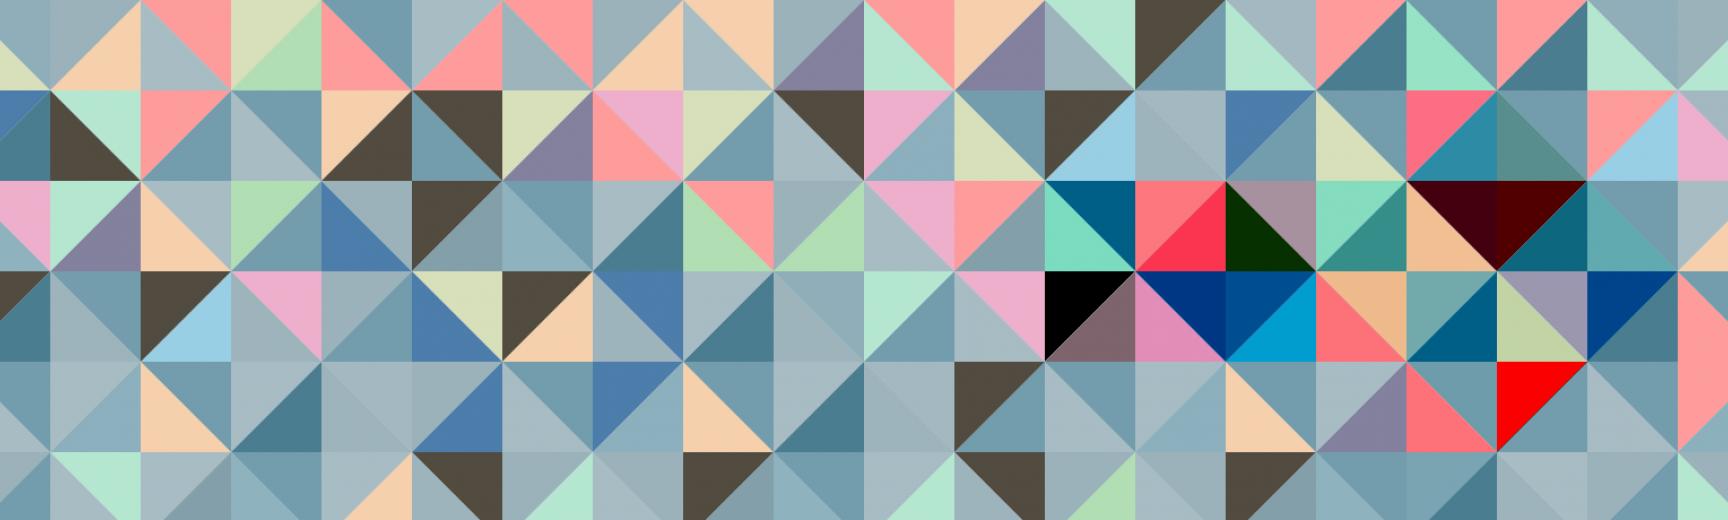 bg pattern